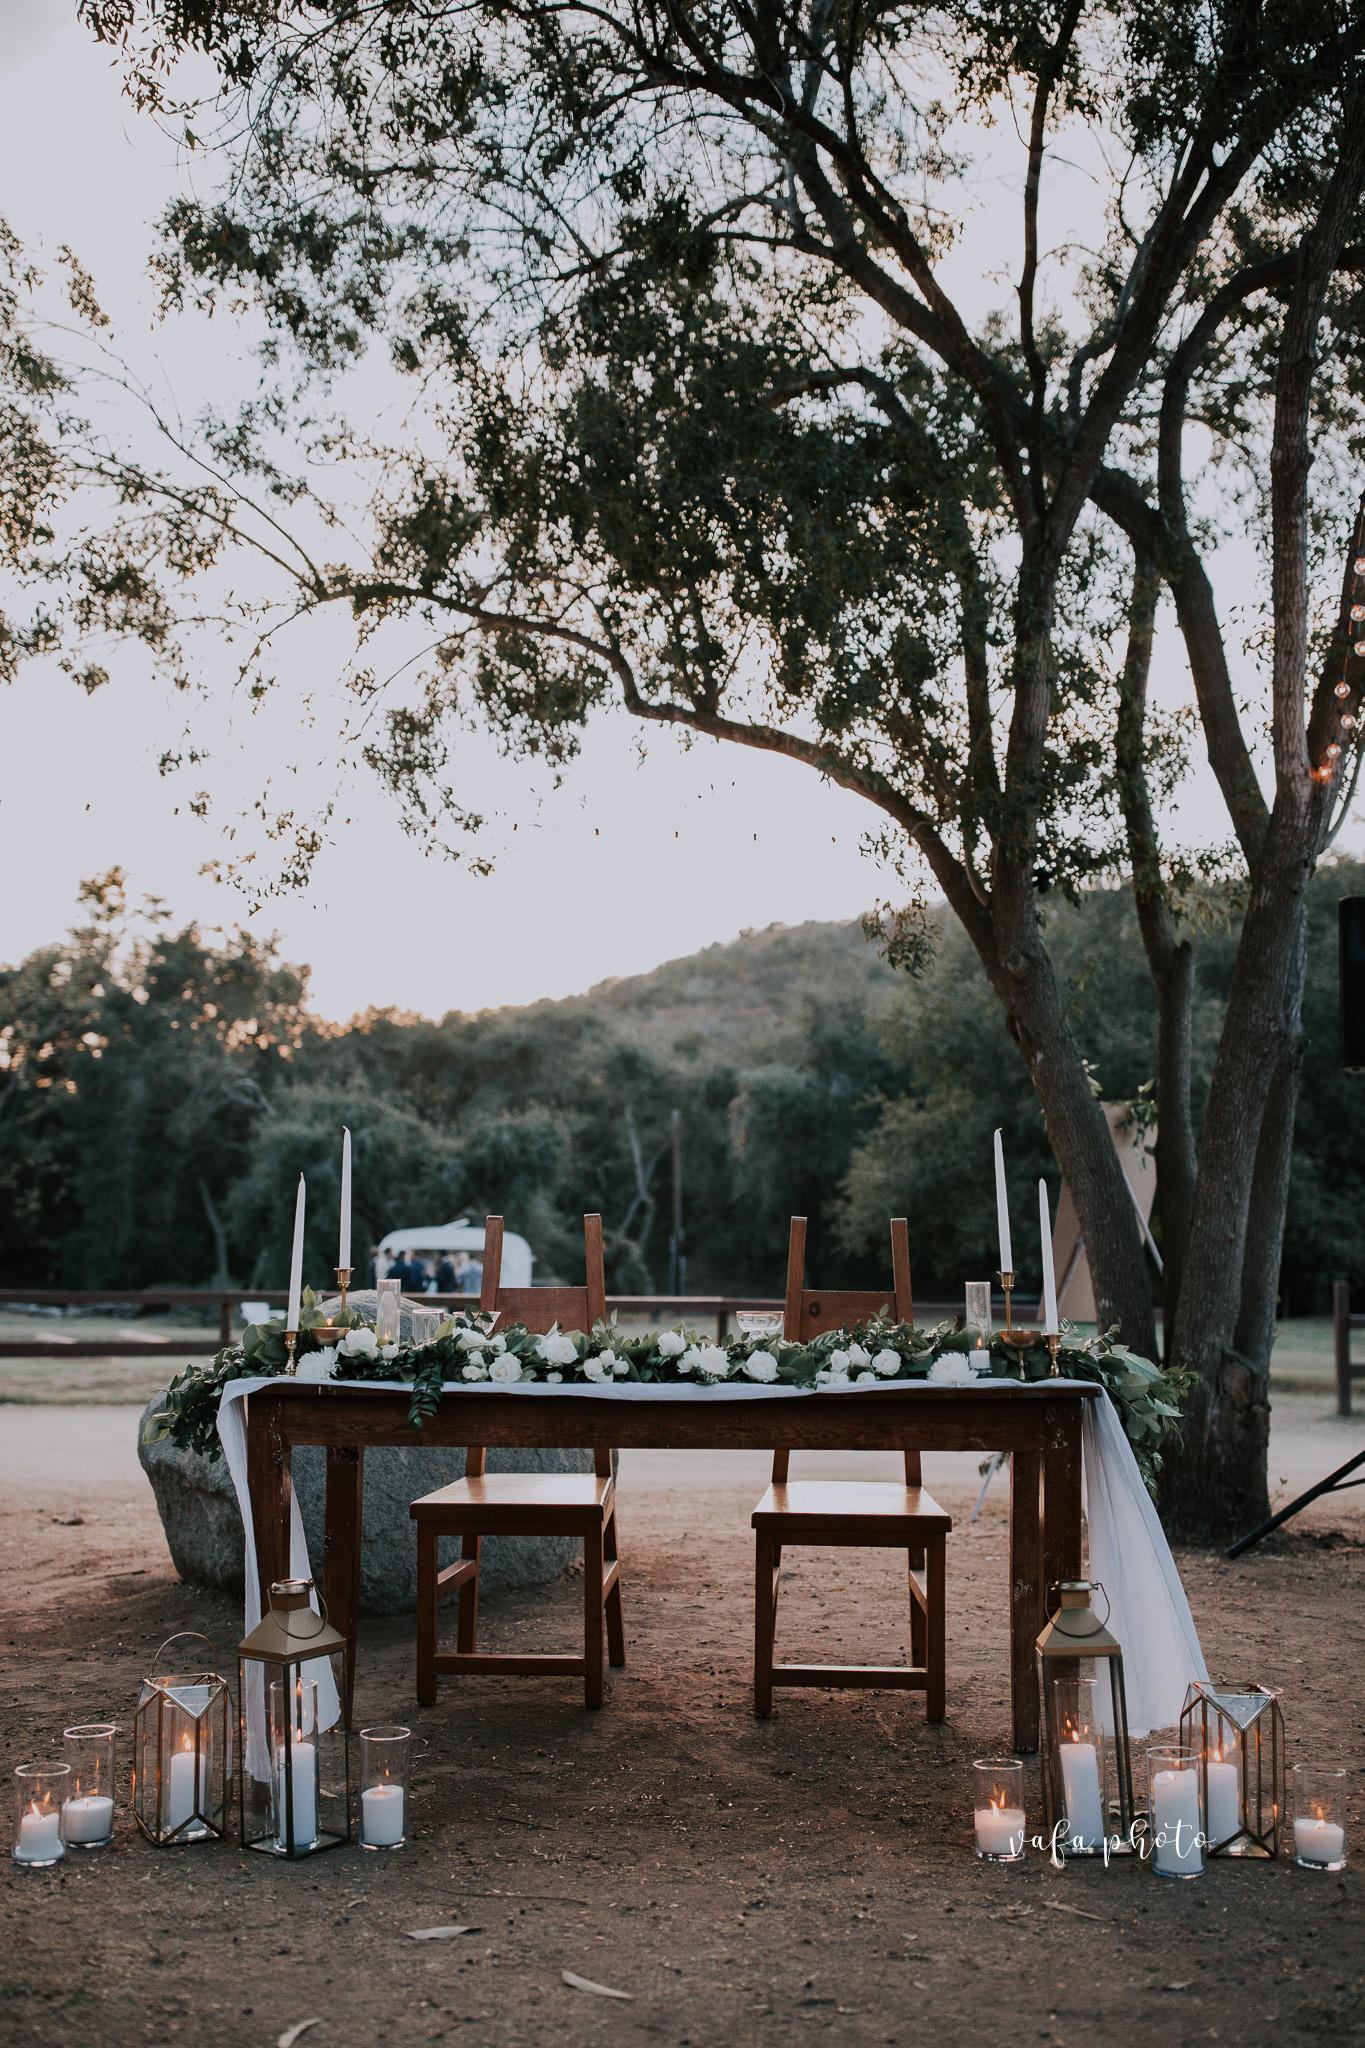 Southern-California-Wedding-Britt-Nilsson-Jeremy-Byrne-Vafa-Photo-749.jpg